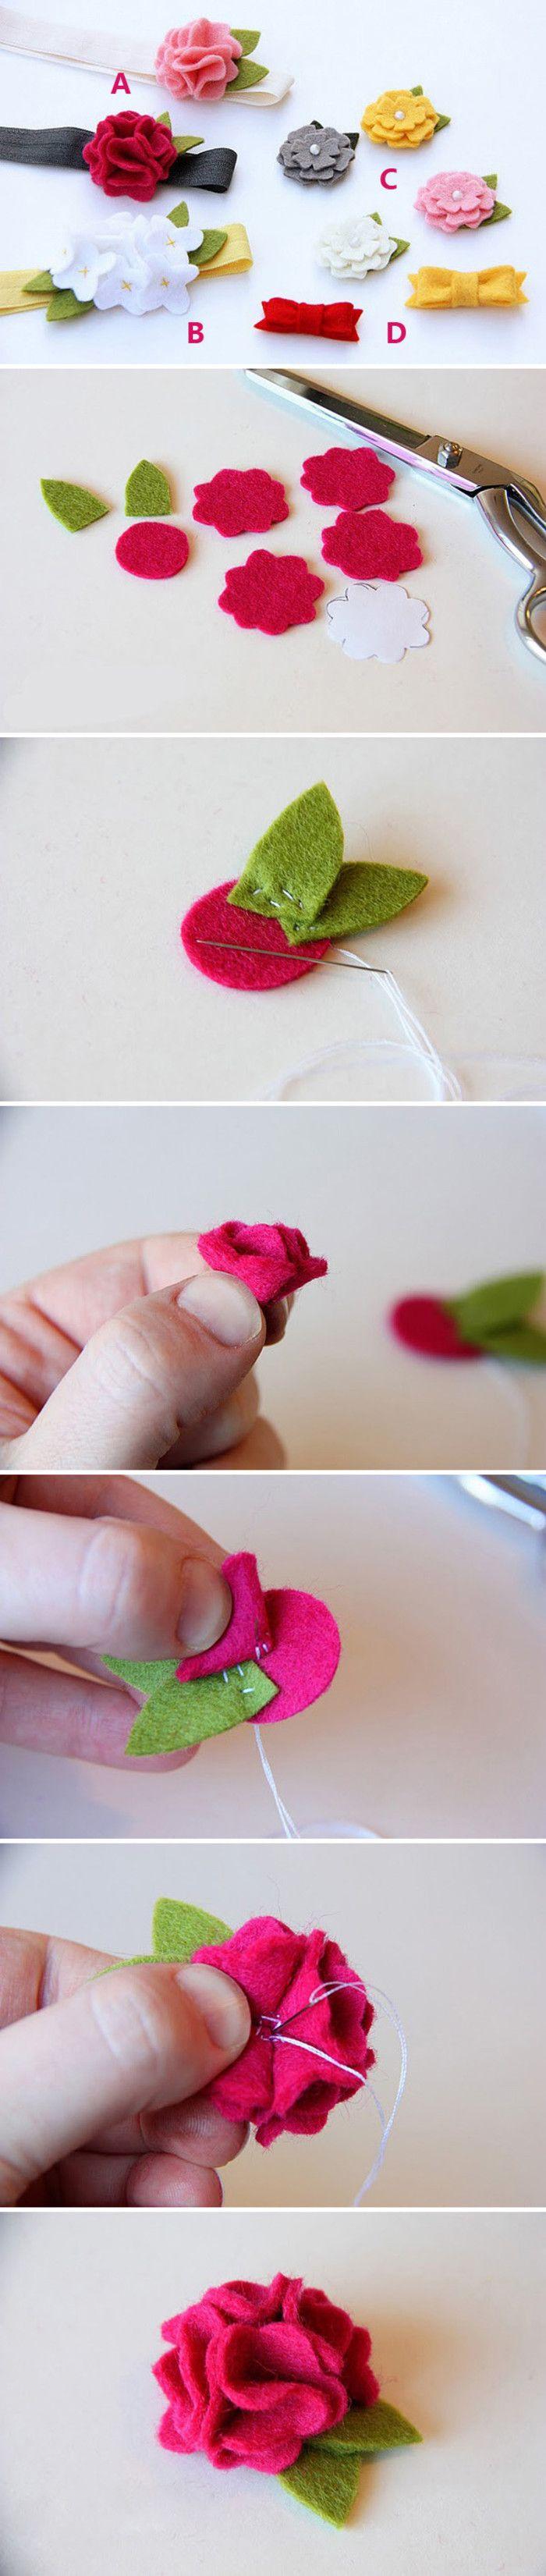 不织布小花做的腰带、头绳、胸针、头花,各样的精致各样的美吧?[A:小绣球花]